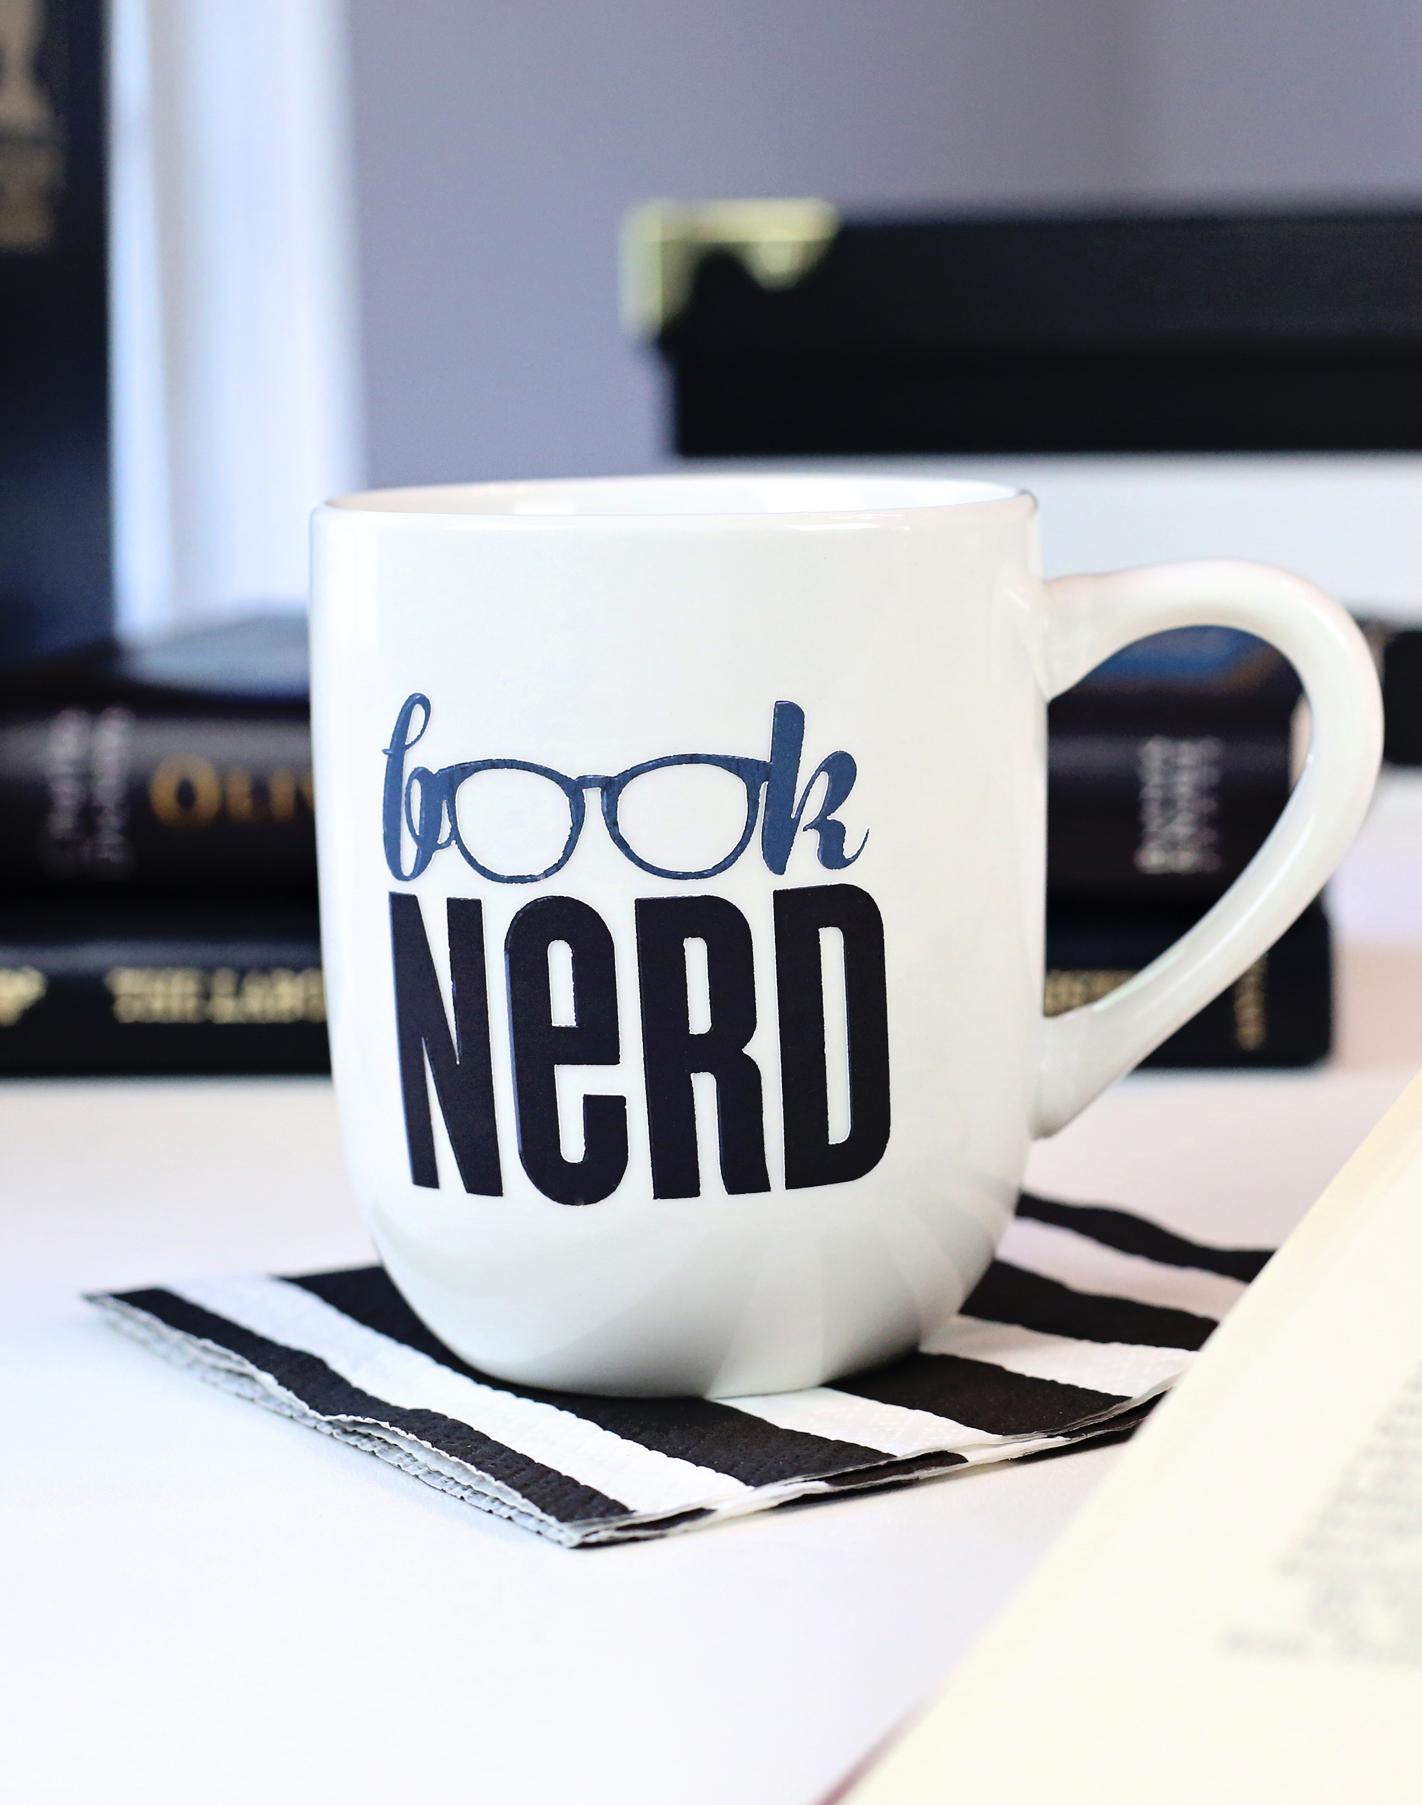 Book nerd mug kim byers 3